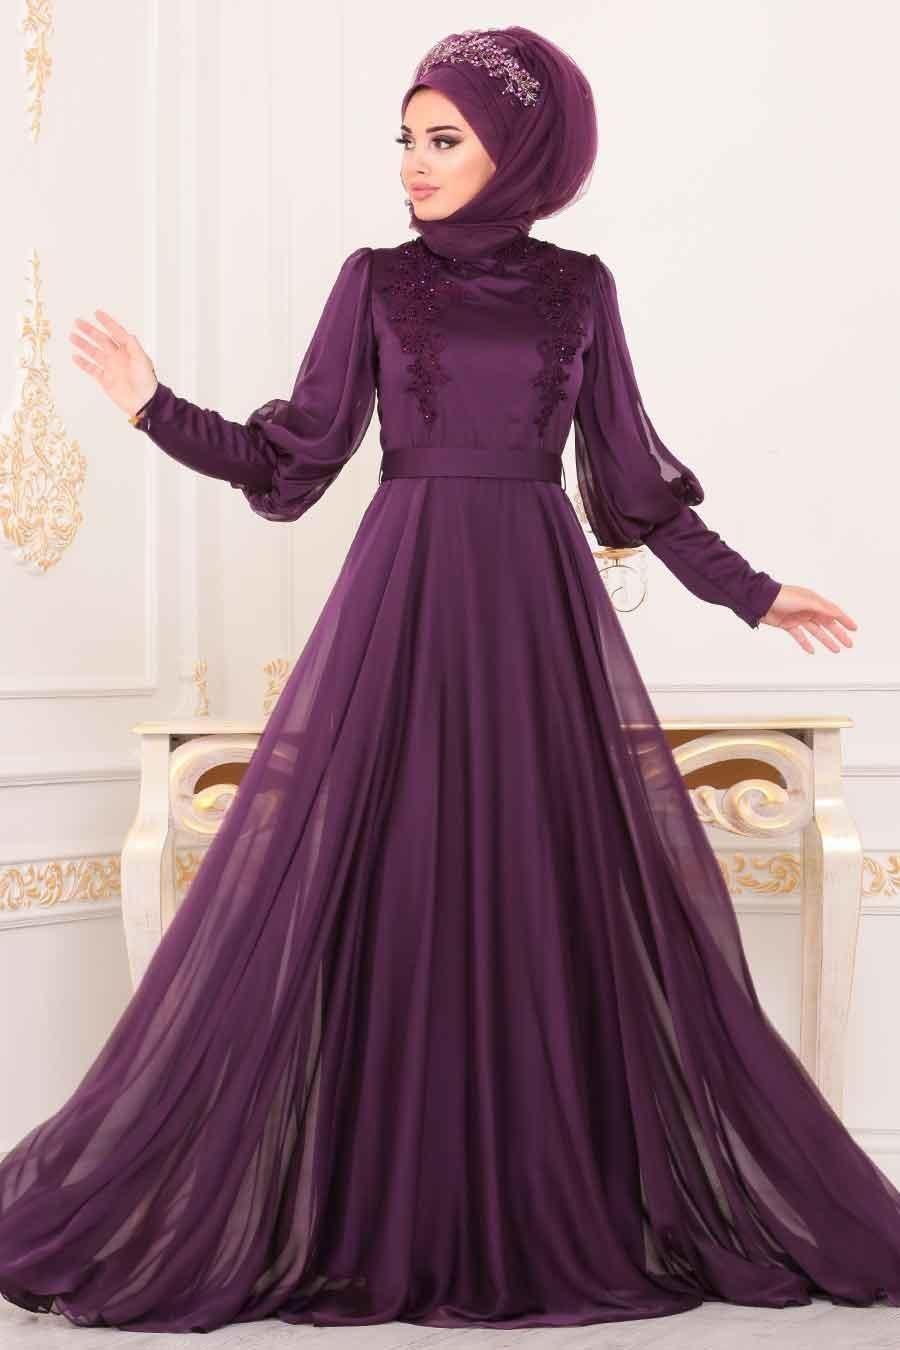 Tesetturlu Abiye Elbise Balon Kol Mor Tesettur Abiye Elbise 3927mor Tesettu Tesettur Abiye Modelleri 2020 The Dress Elbise Moda Stilleri